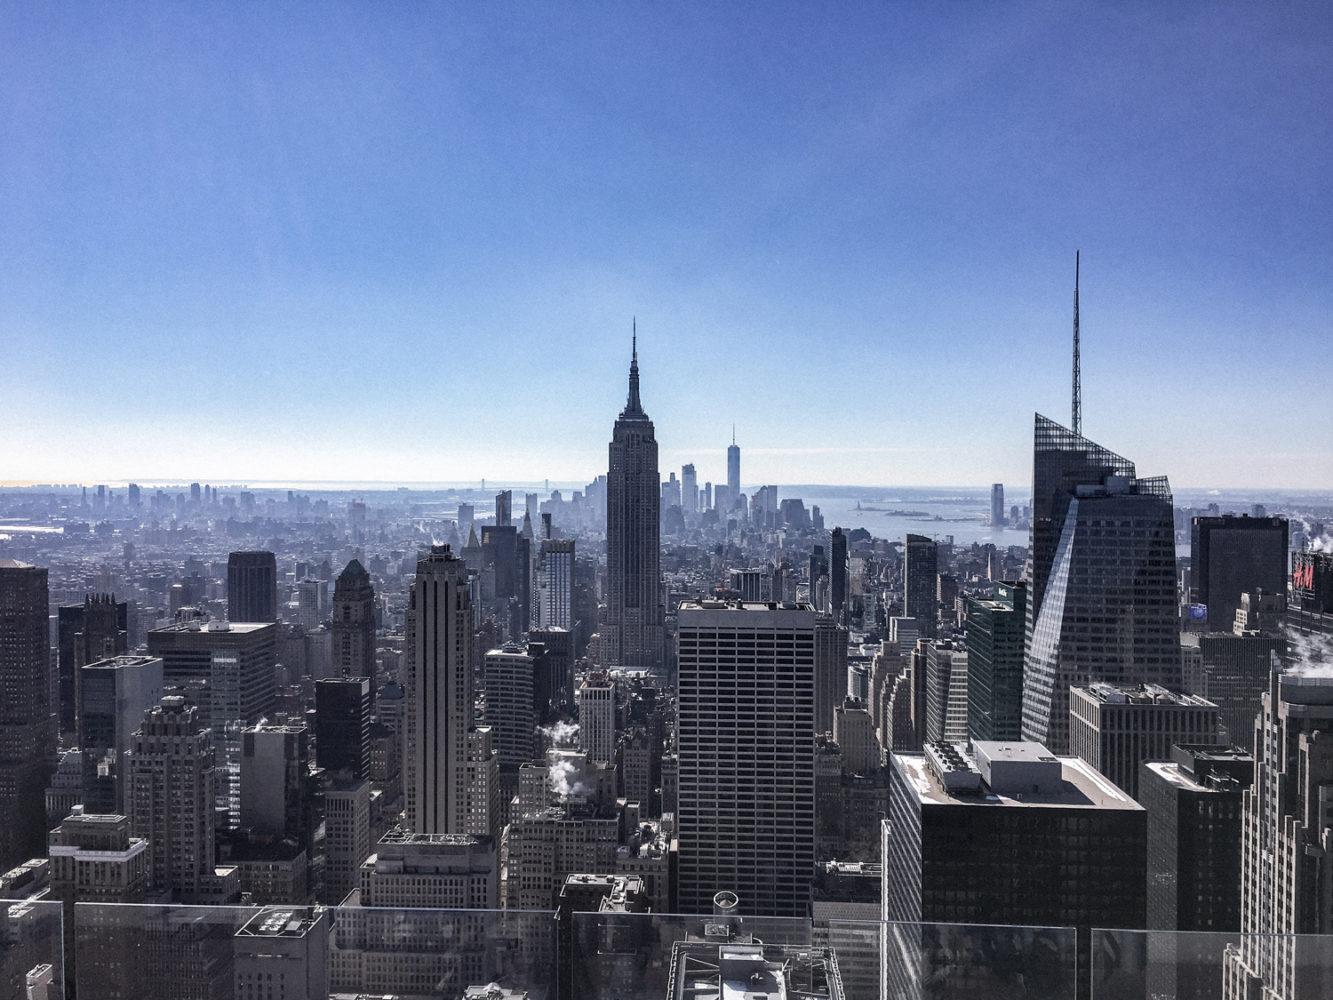 Magnifique point de vue sur l'Empire State Building